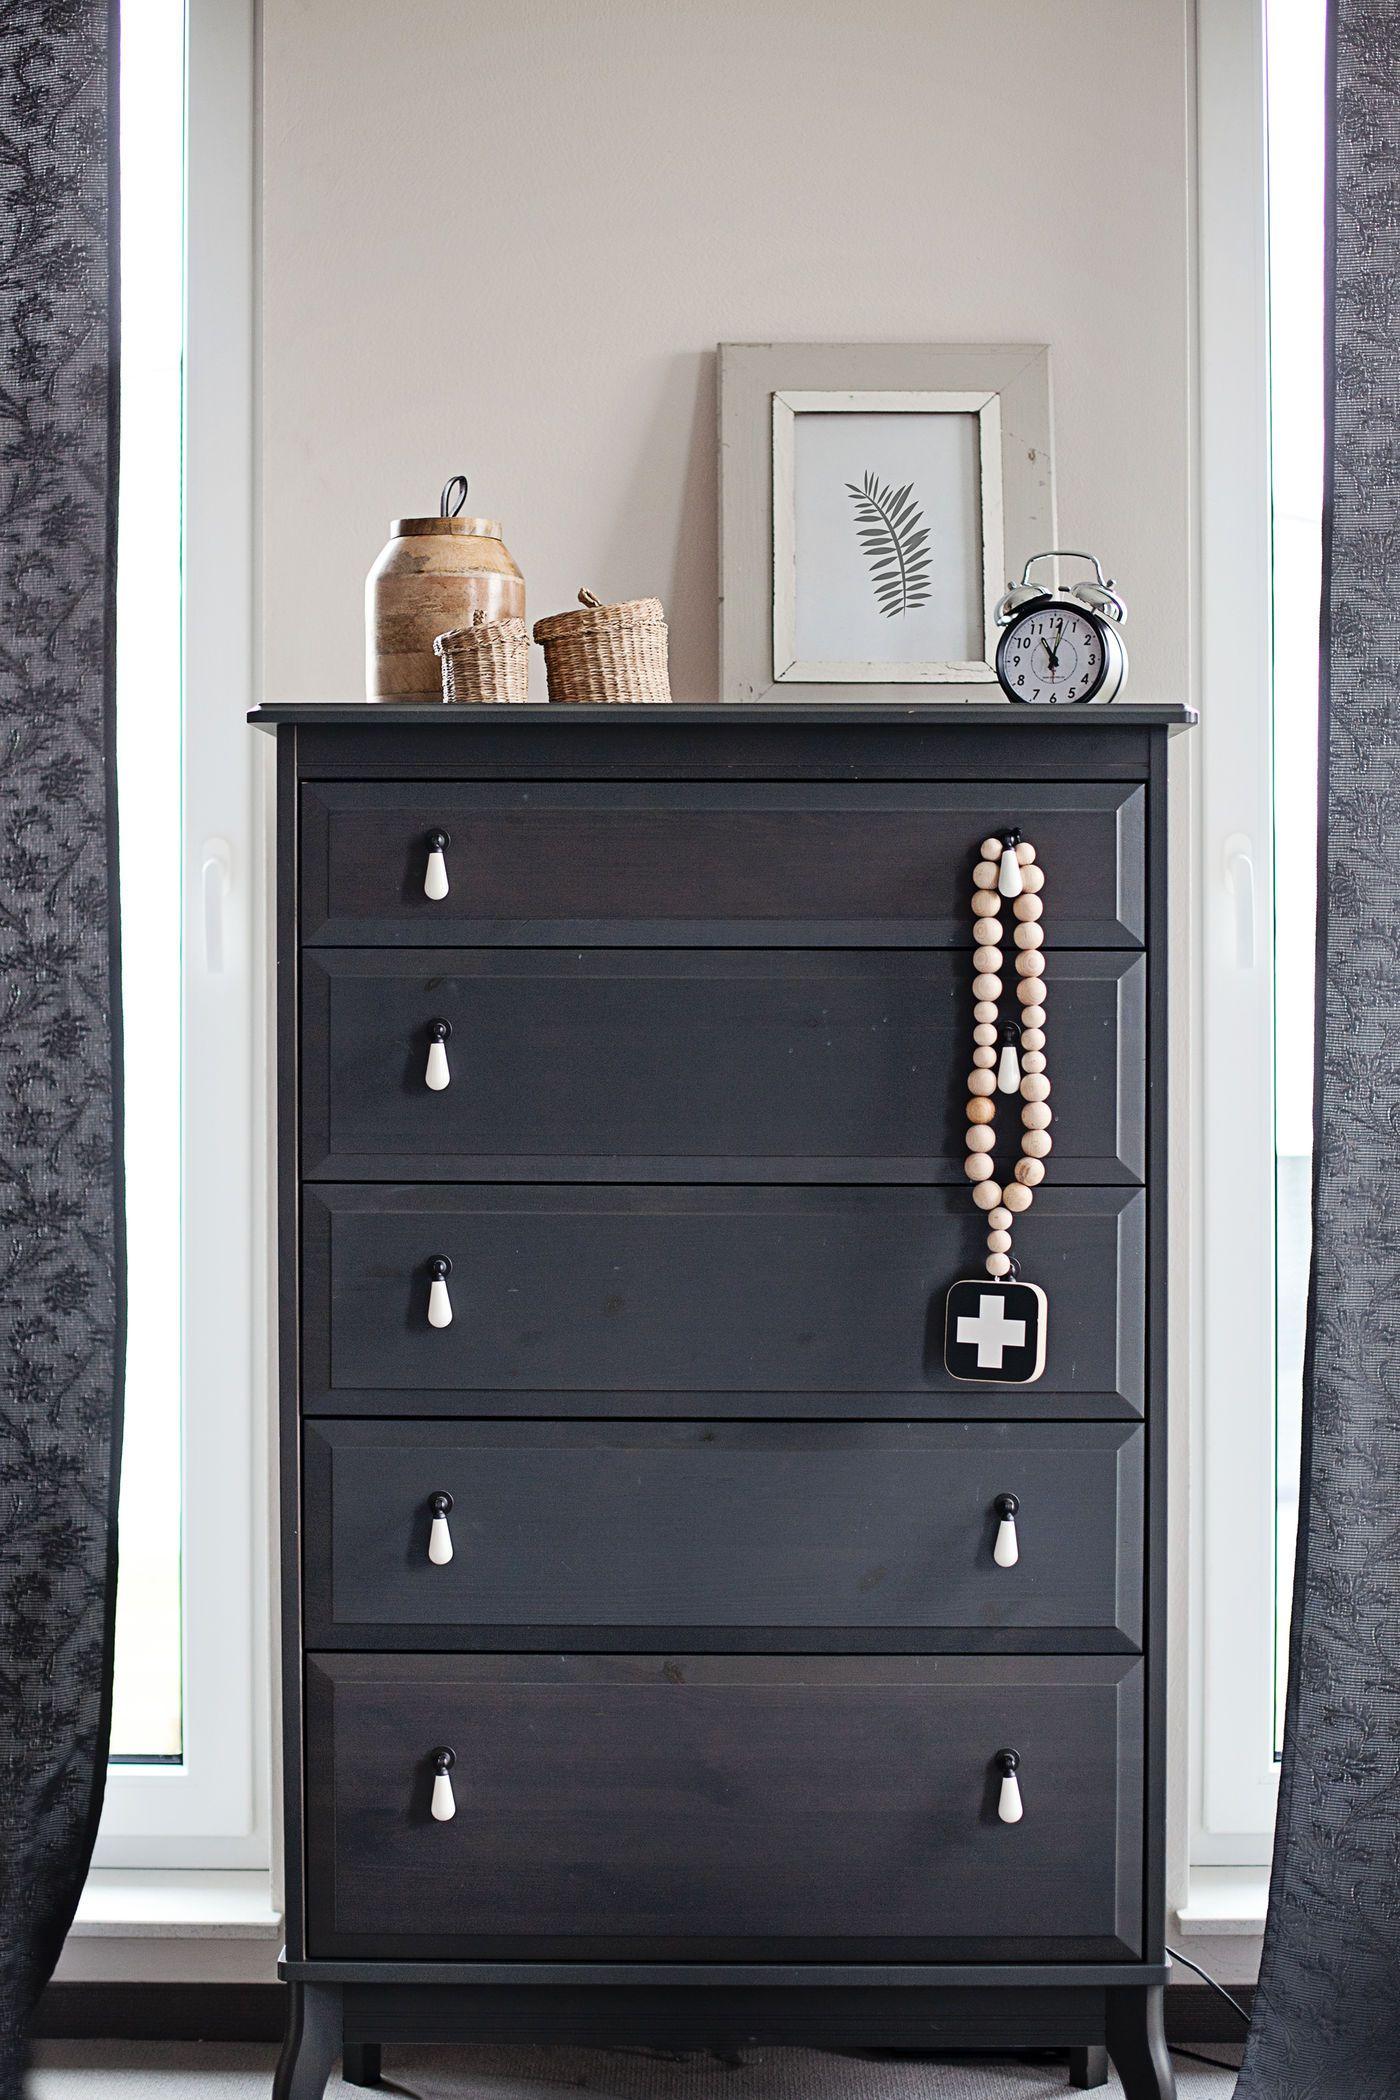 die sch nsten ideen f r deine ikea kommode. Black Bedroom Furniture Sets. Home Design Ideas